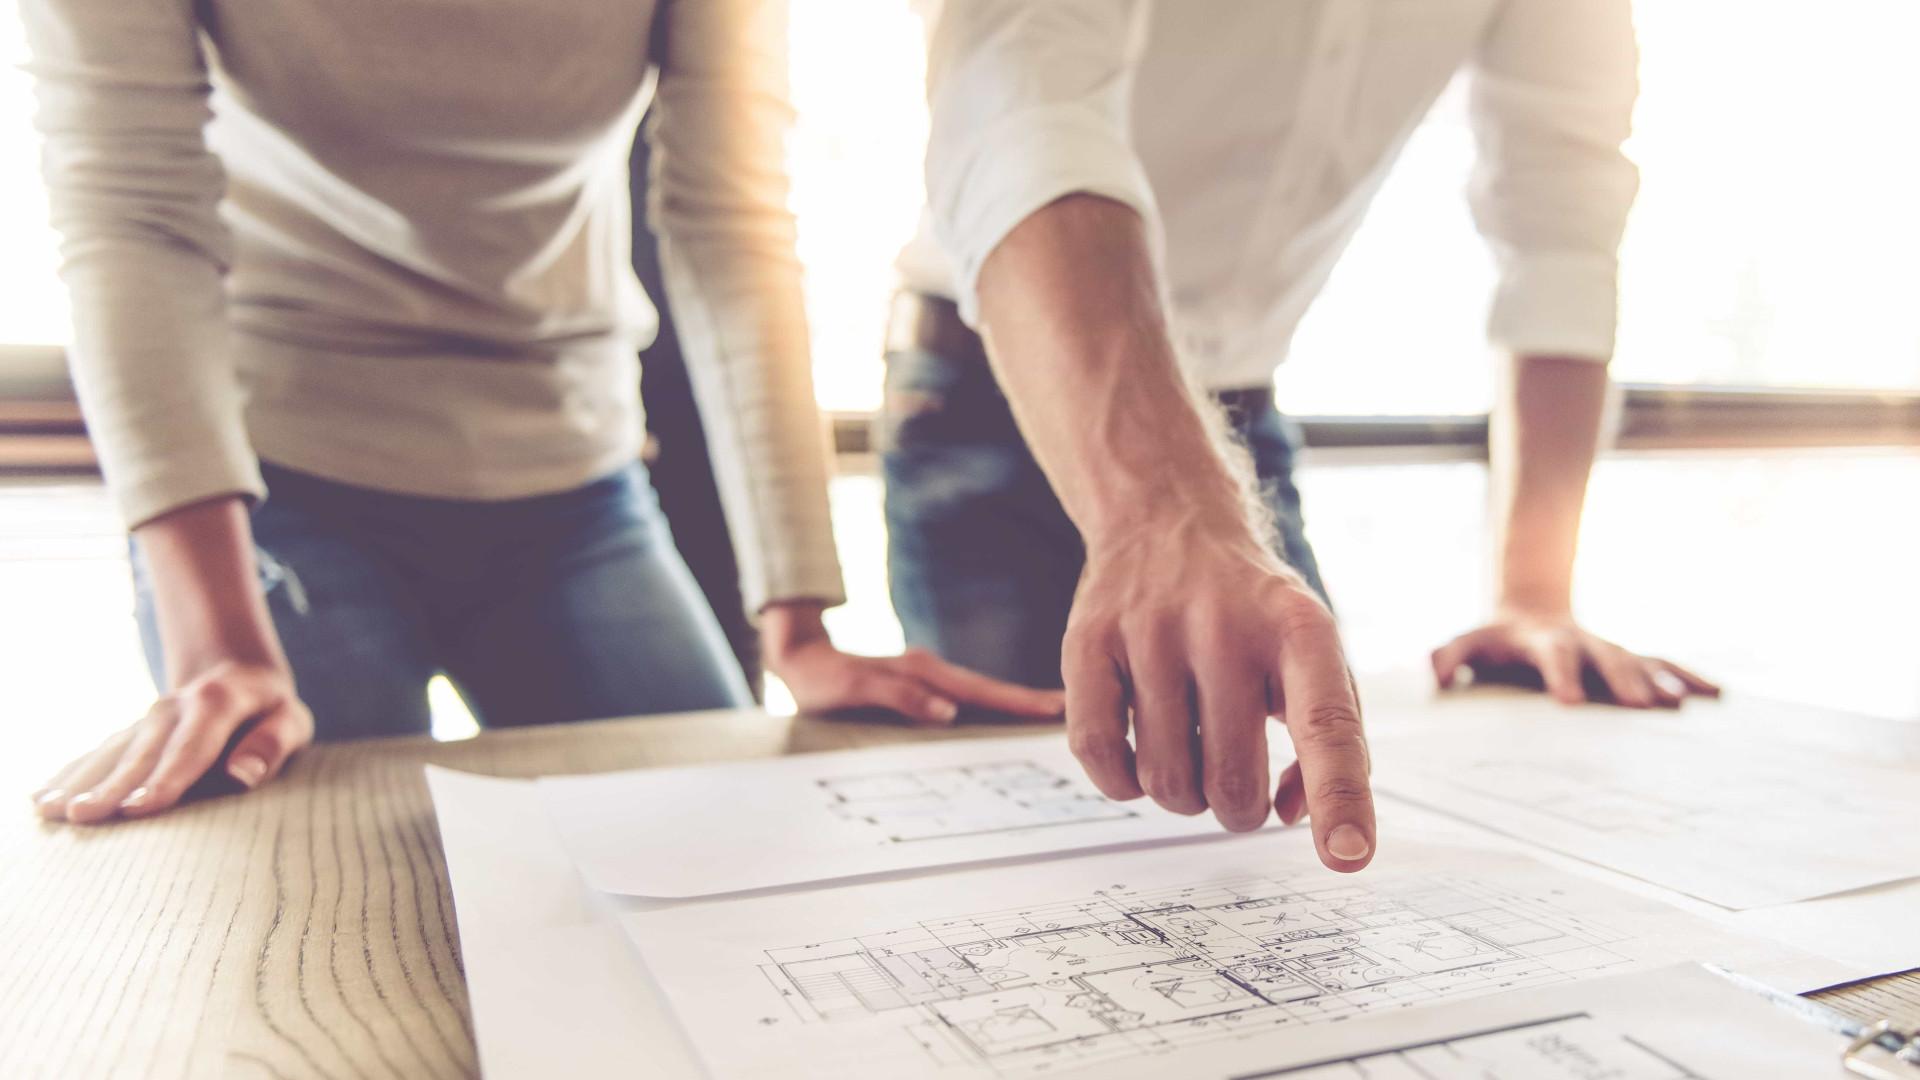 Ordem dos Arquitetos contesta legalidade de registo de engenheiros